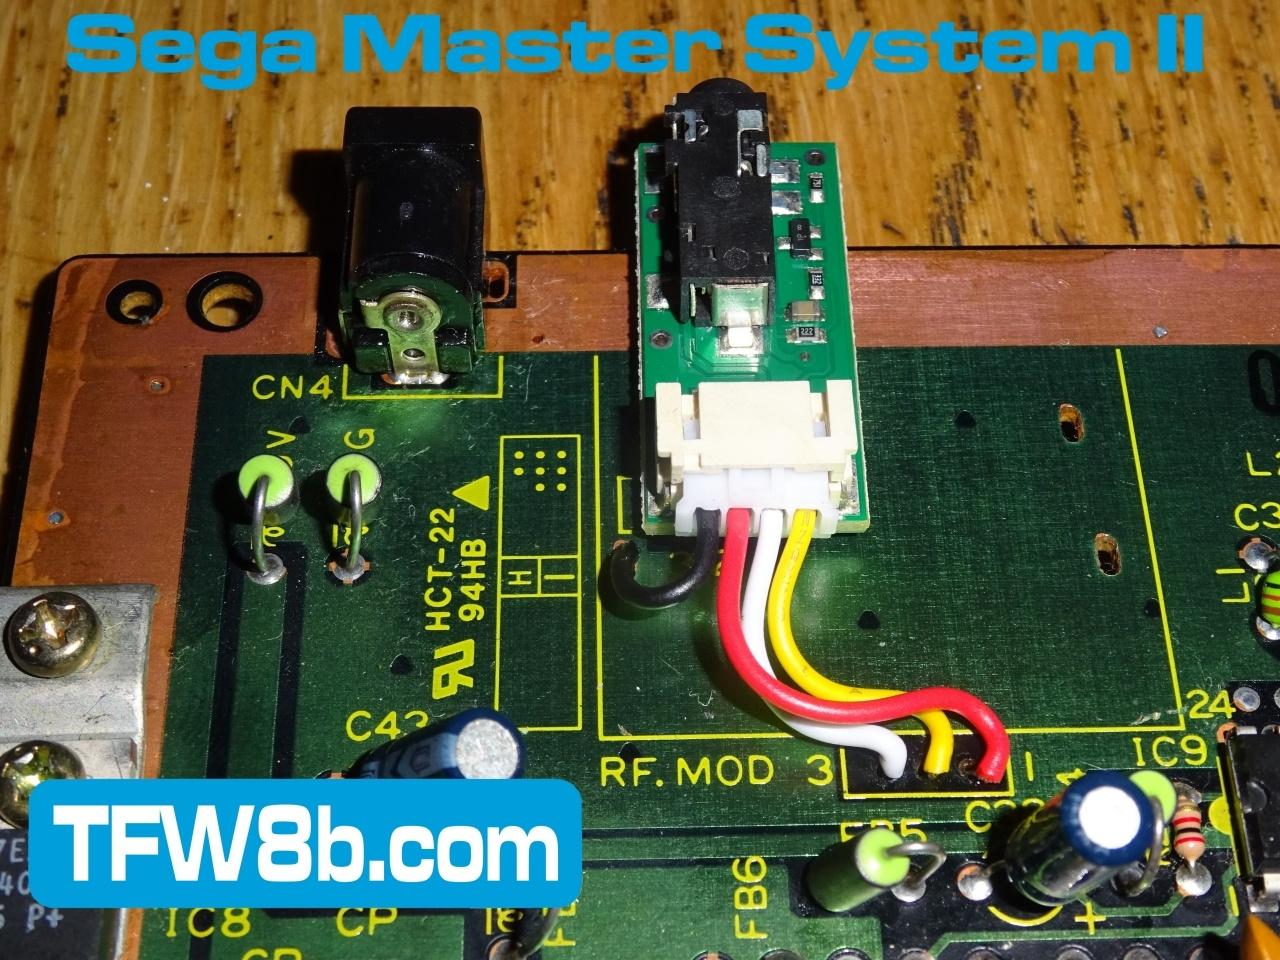 TFW8b.com Sega Master System II Composite Mod